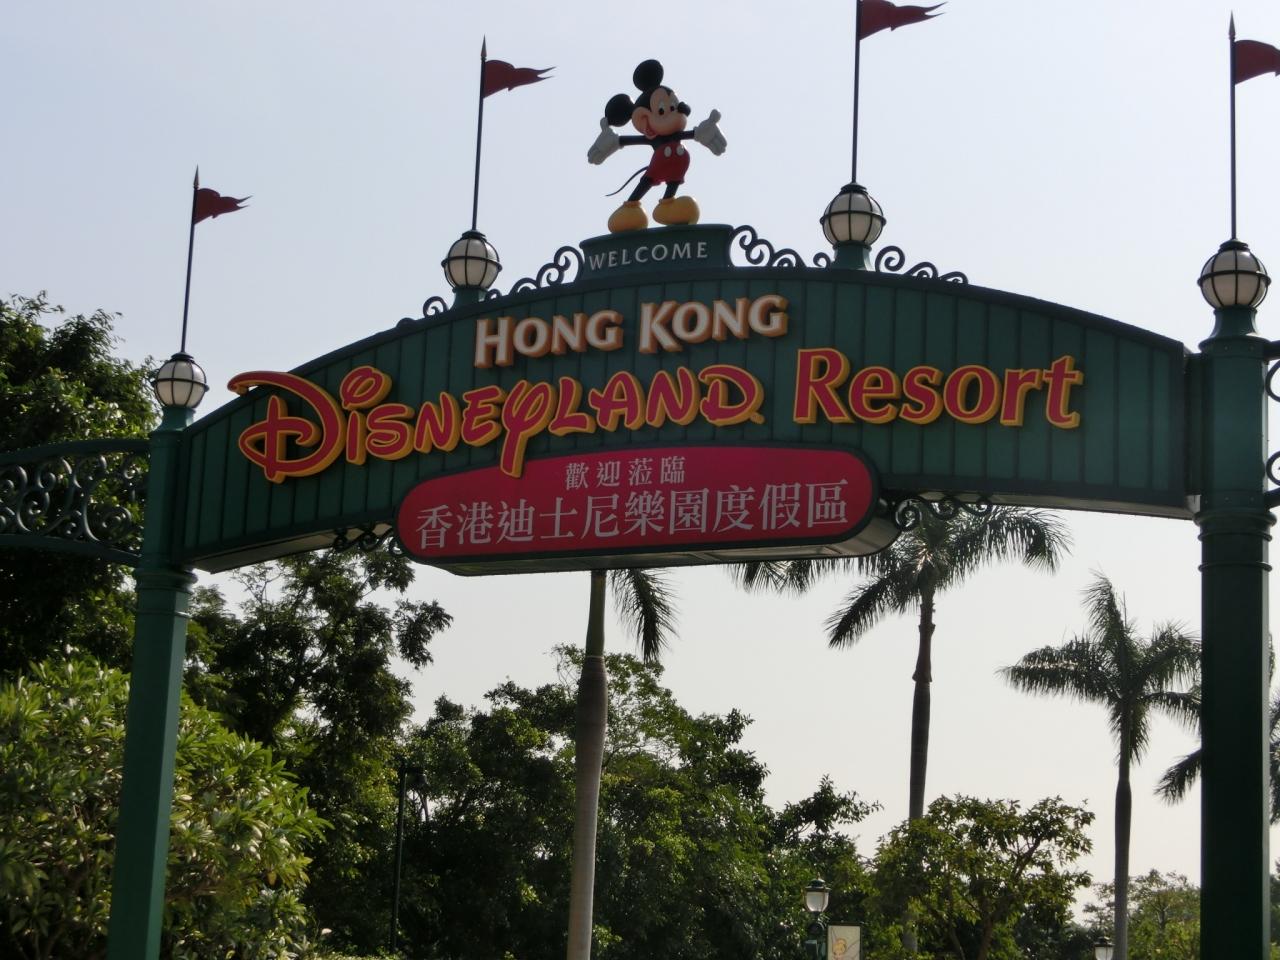 年末年始プーケット④/香港ディズニー』香港(香港)の旅行記・ブログ by